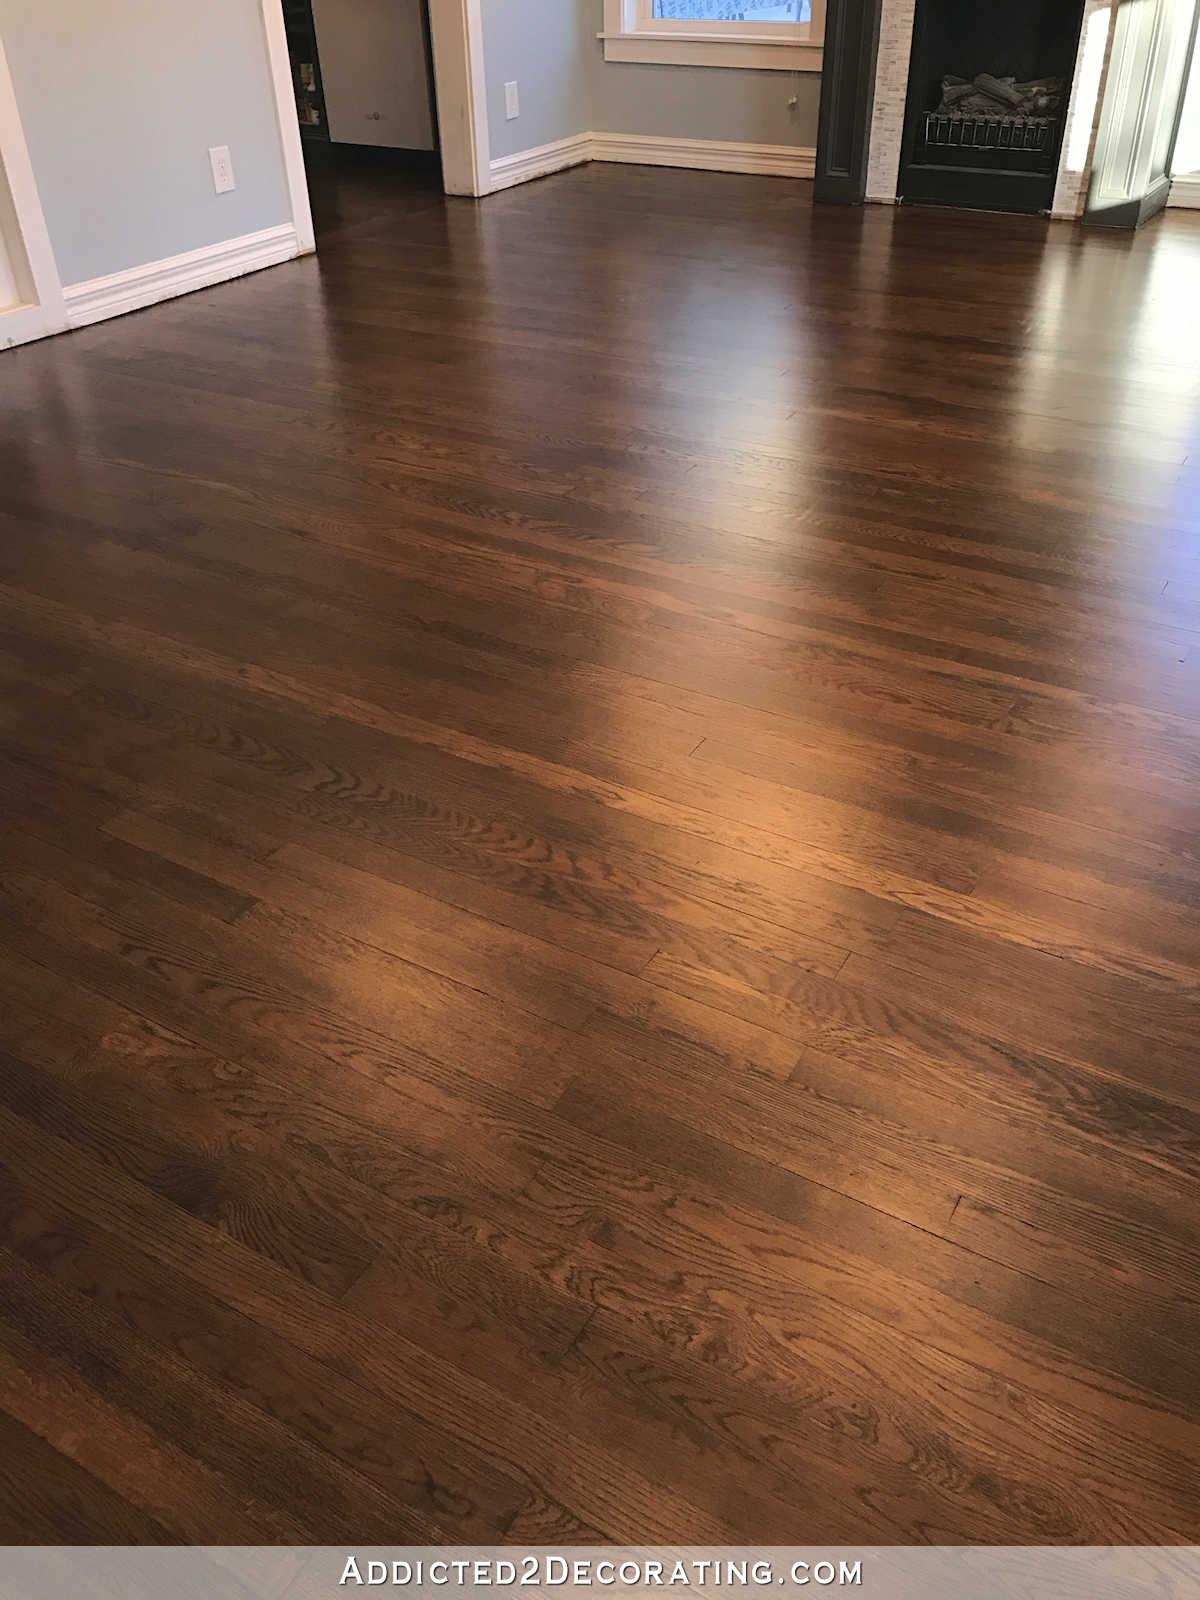 hardwood floor refinished red oak hardwood floors - entryway and living room TGJNCNG